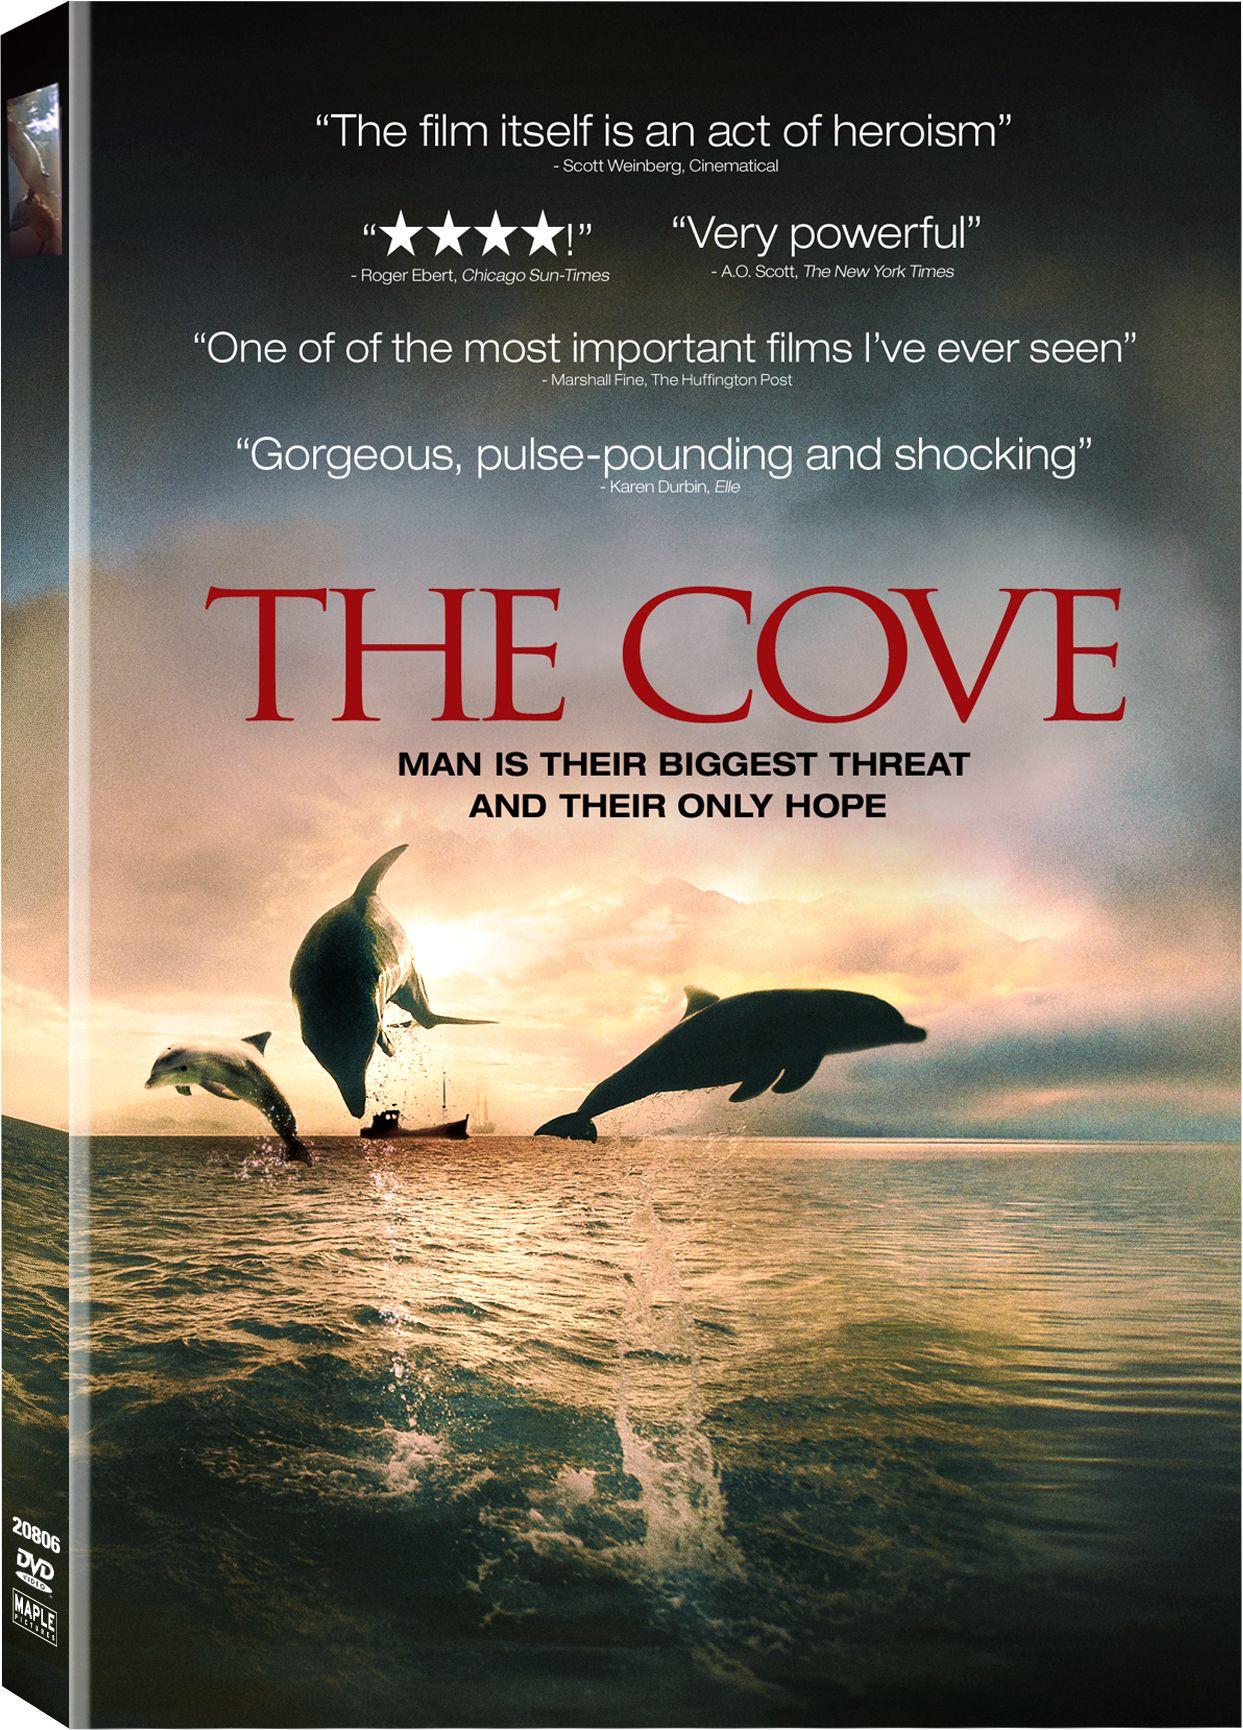 The Cove  / produced by Fisher Stevens, Paual Dupre Presmen ; directed by Louie Psihoyos. Documental sobre la matança de més de 23.000 dofins en una cala a Taiji, Wakayama (Japó)...Més informació a http://cataleg.ub.edu/record=b2192511~S1*cat   #bibeco